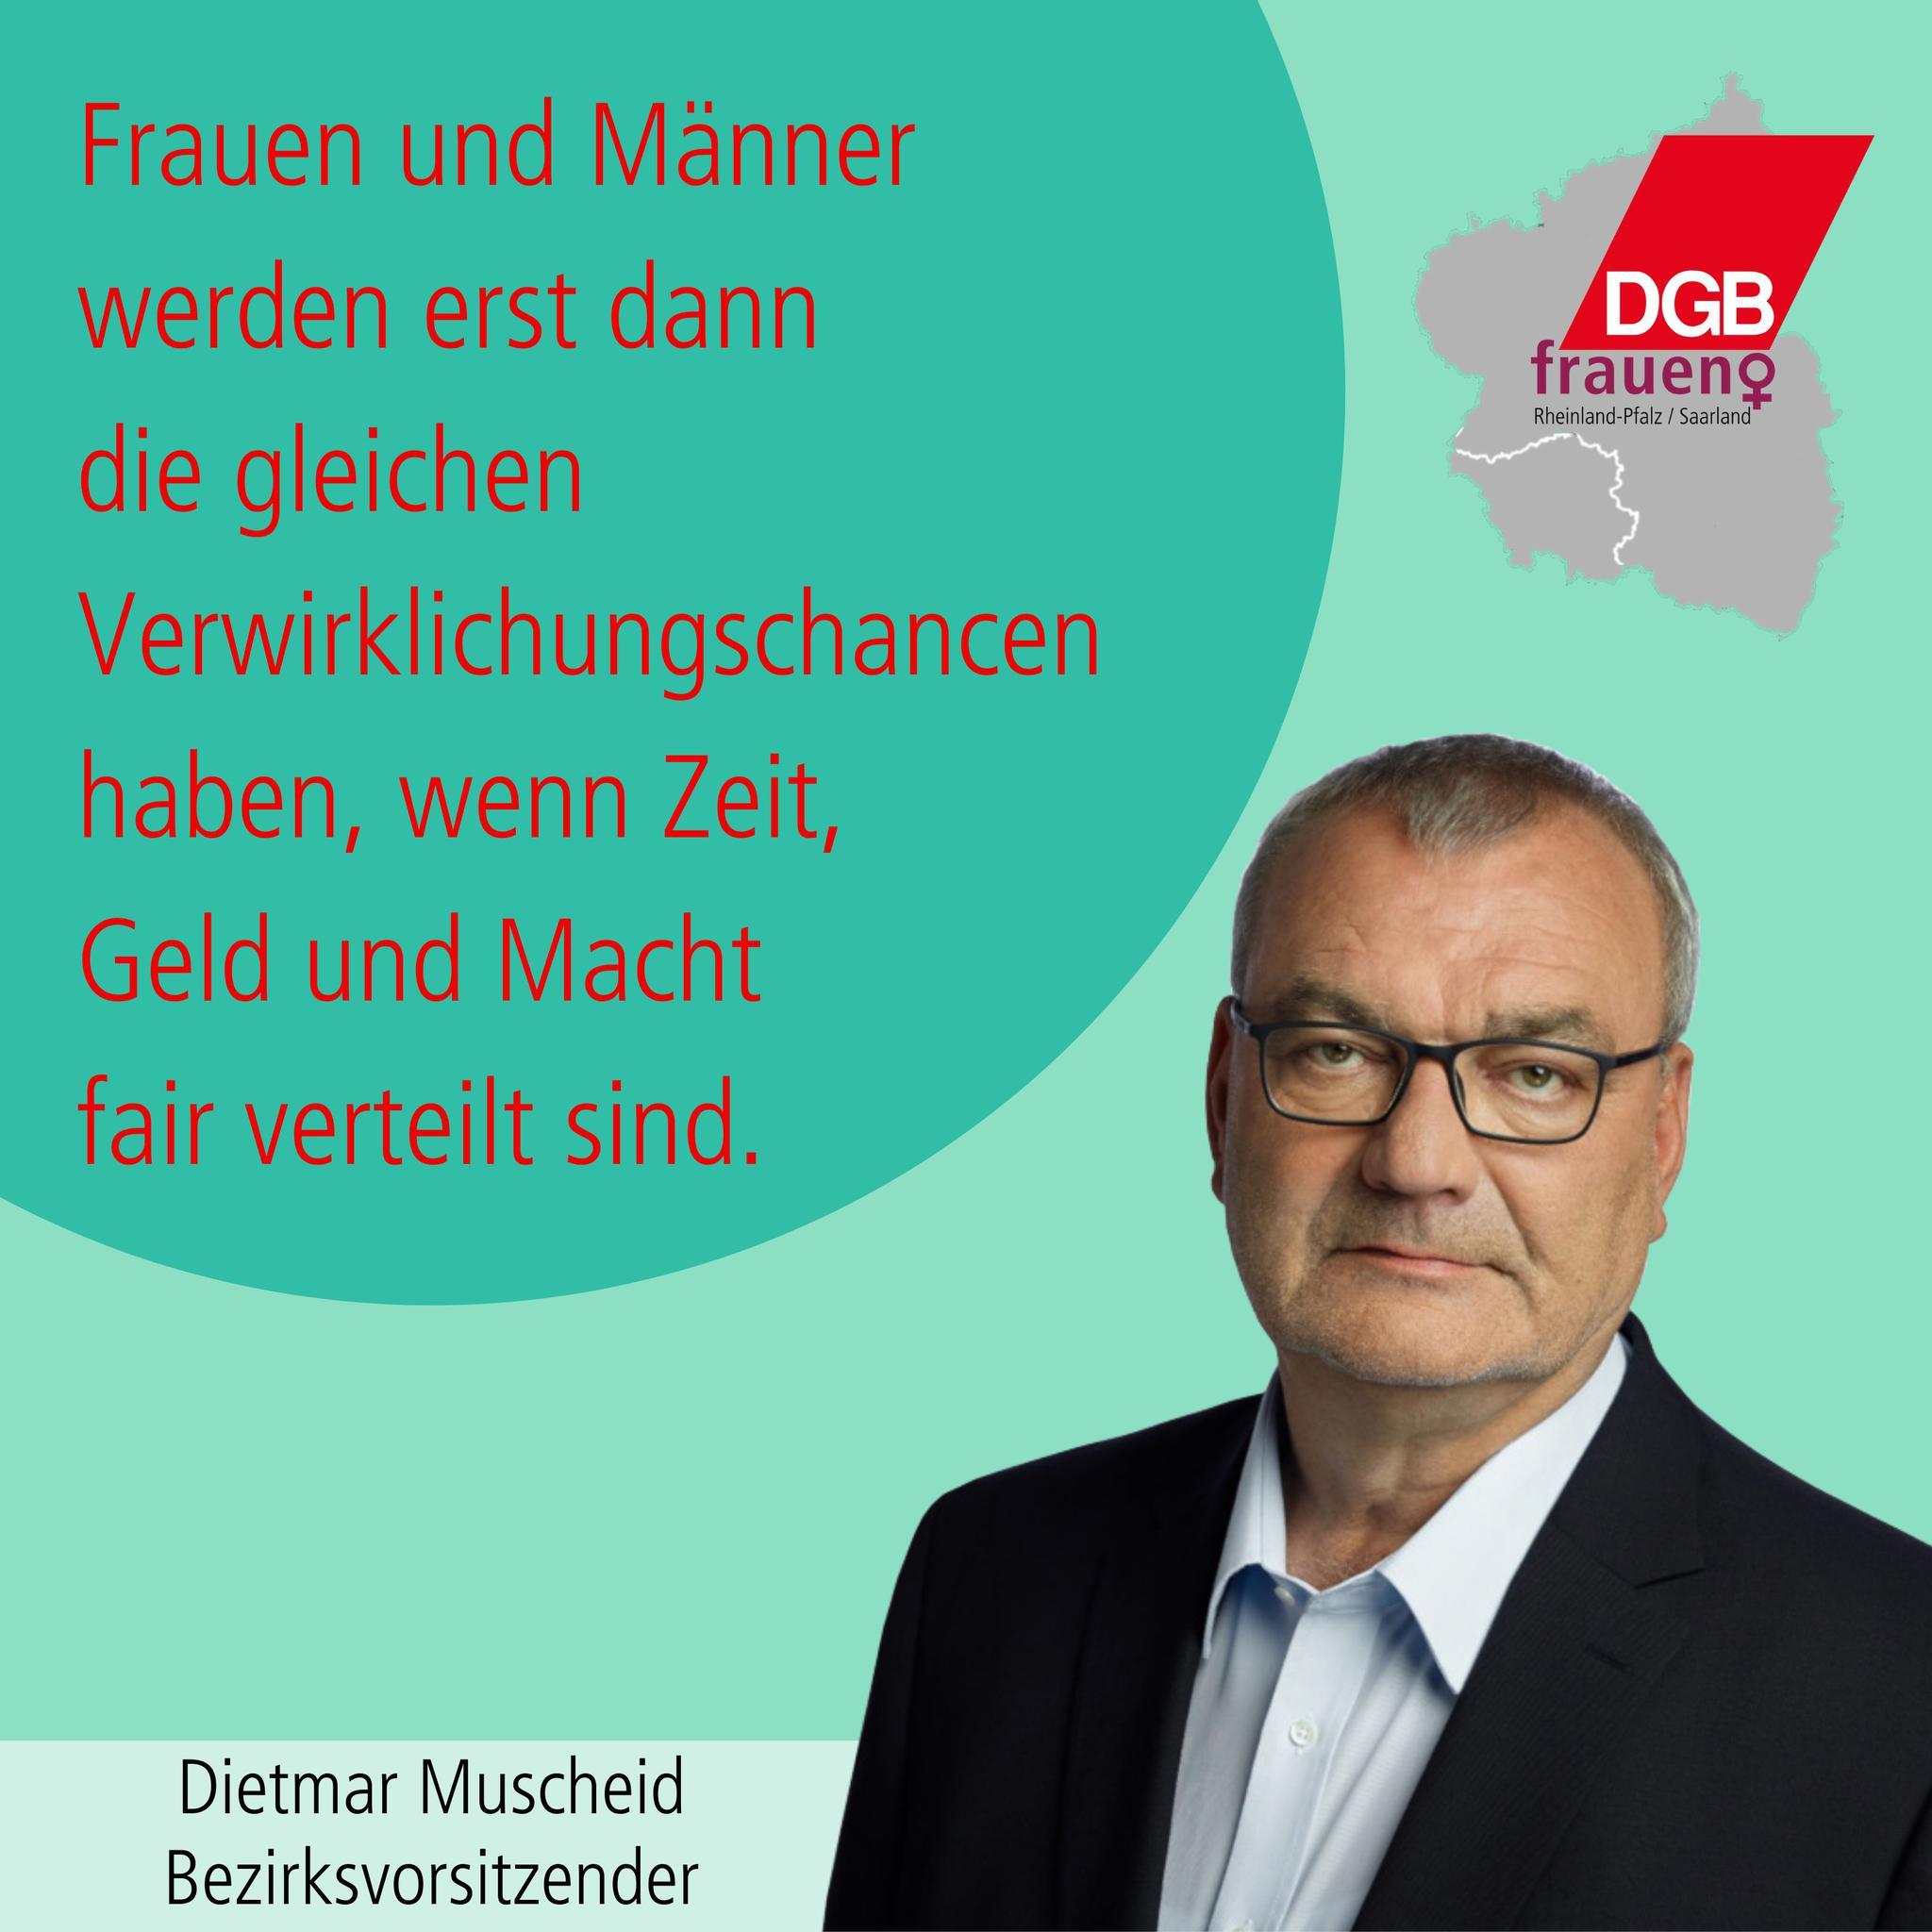 Dietmar Muscheid